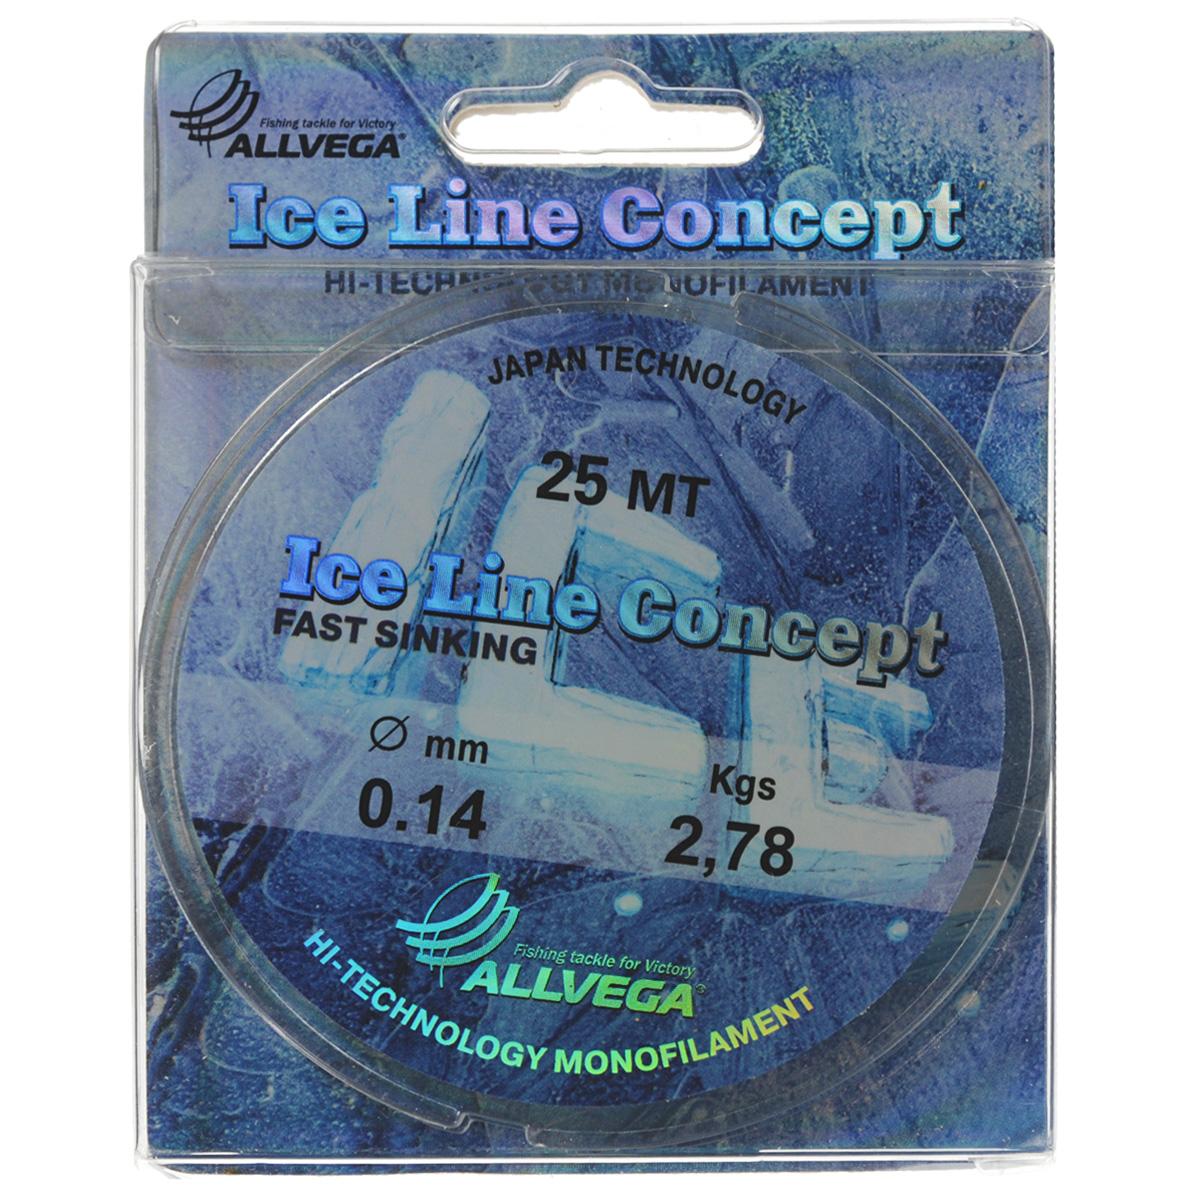 Леска Allvega Ice Line Concept, сечение 0,14 мм, длина 25 мPGPS7797CIS08GBNVСпециальная зимняя леска Allvega Ice Line Concept для низких температур. Прозрачная и высокопрочная. Отсутствие механической памяти, позволяет с успехом использовать ее для ловли на мормышку.